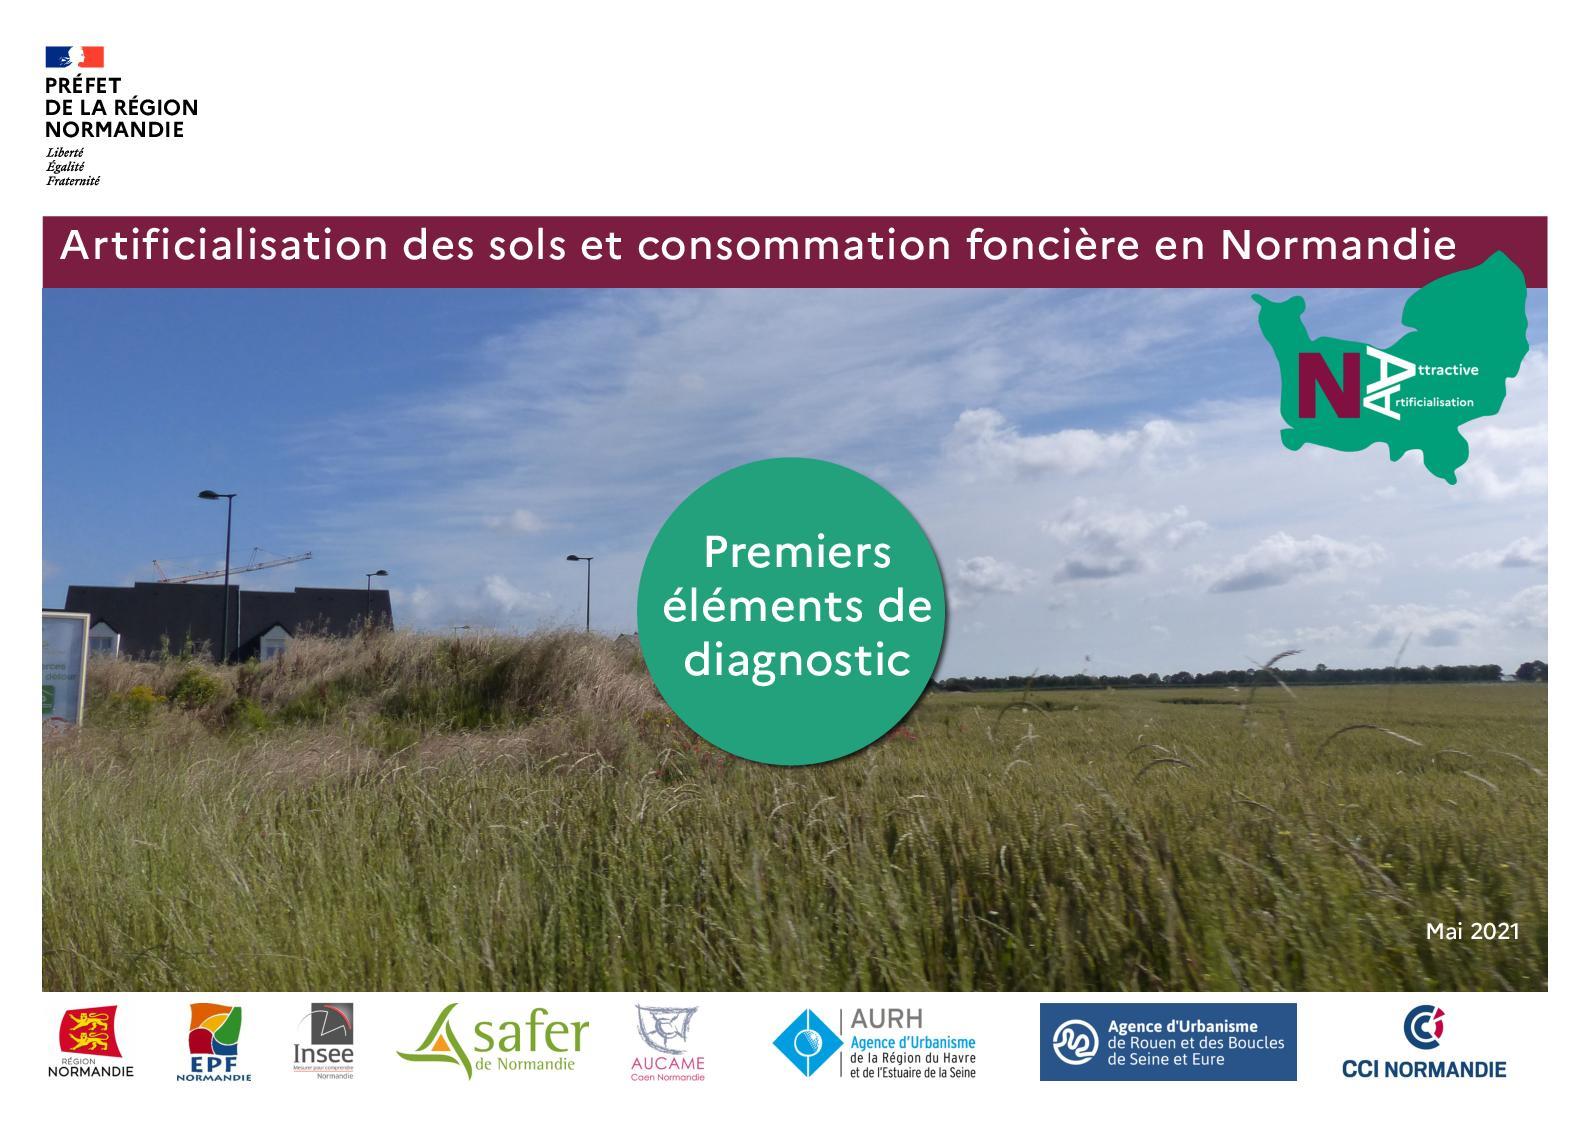 Artificialisation et consommation foncière en Normandie - Premiers éléments de diagnostic